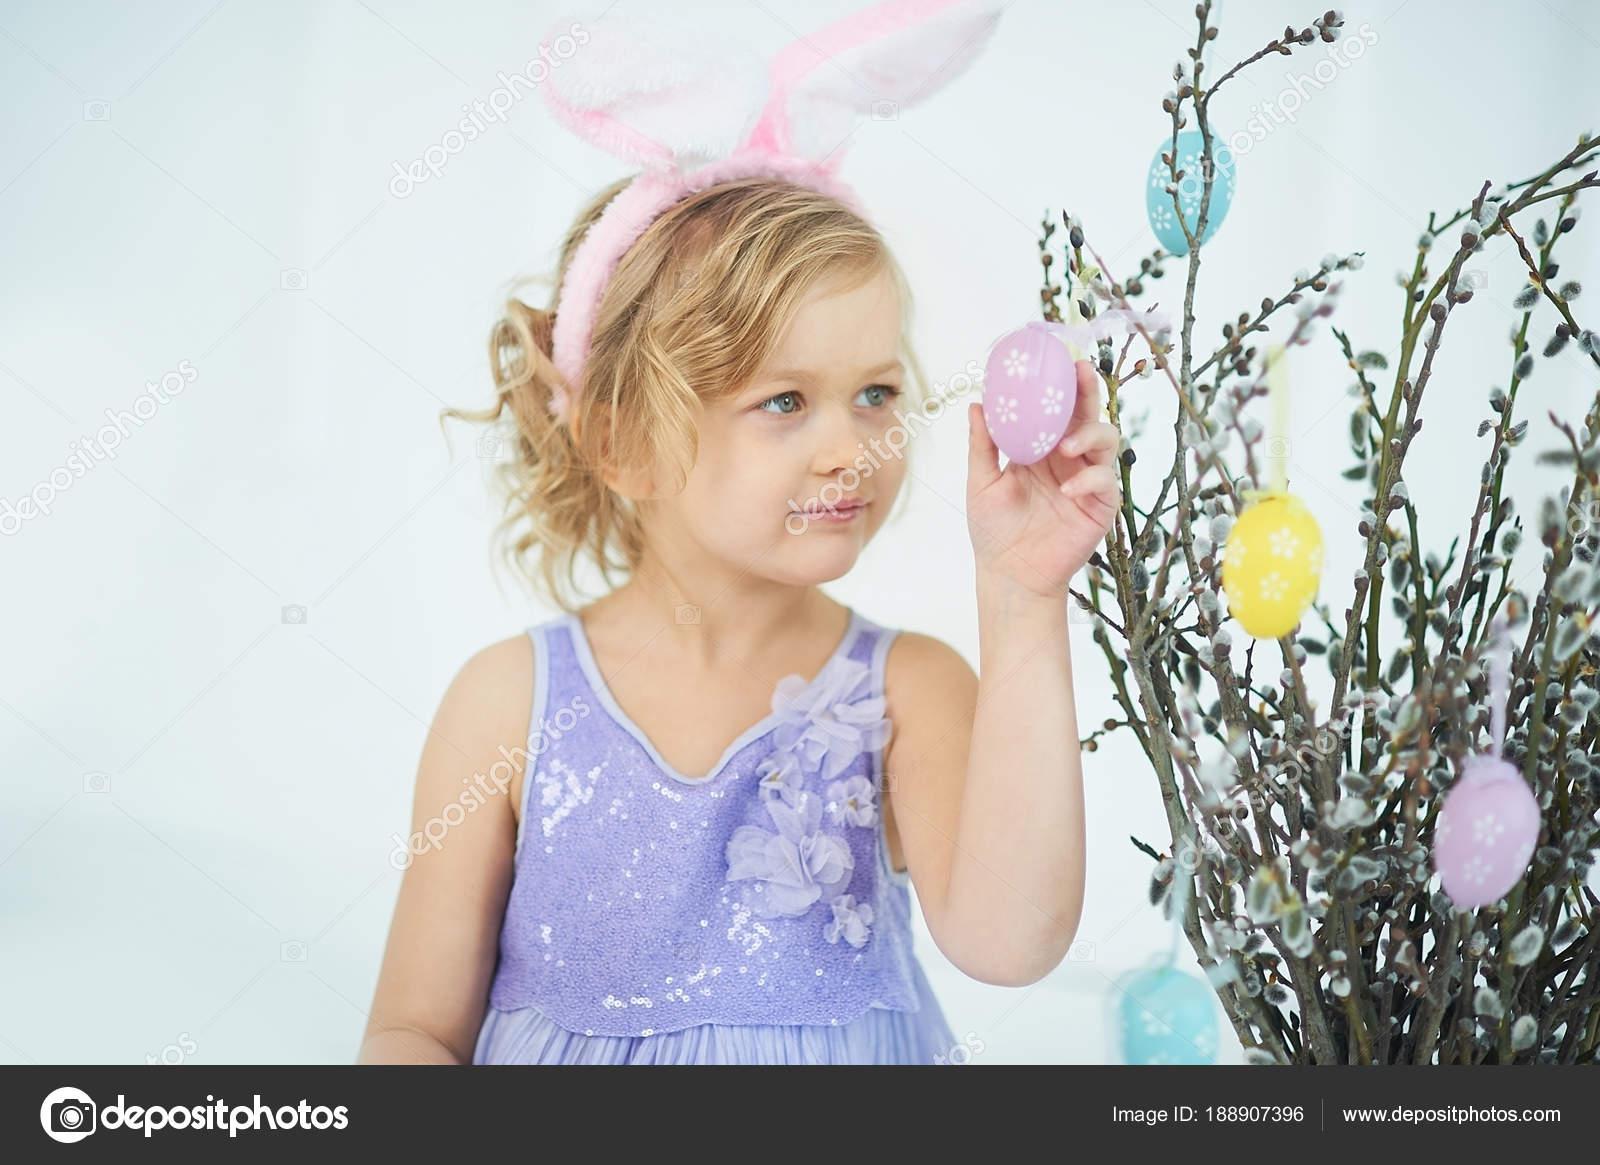 κορίτσι κορίτσι μουνί βλέπει μεγάλο καβλί